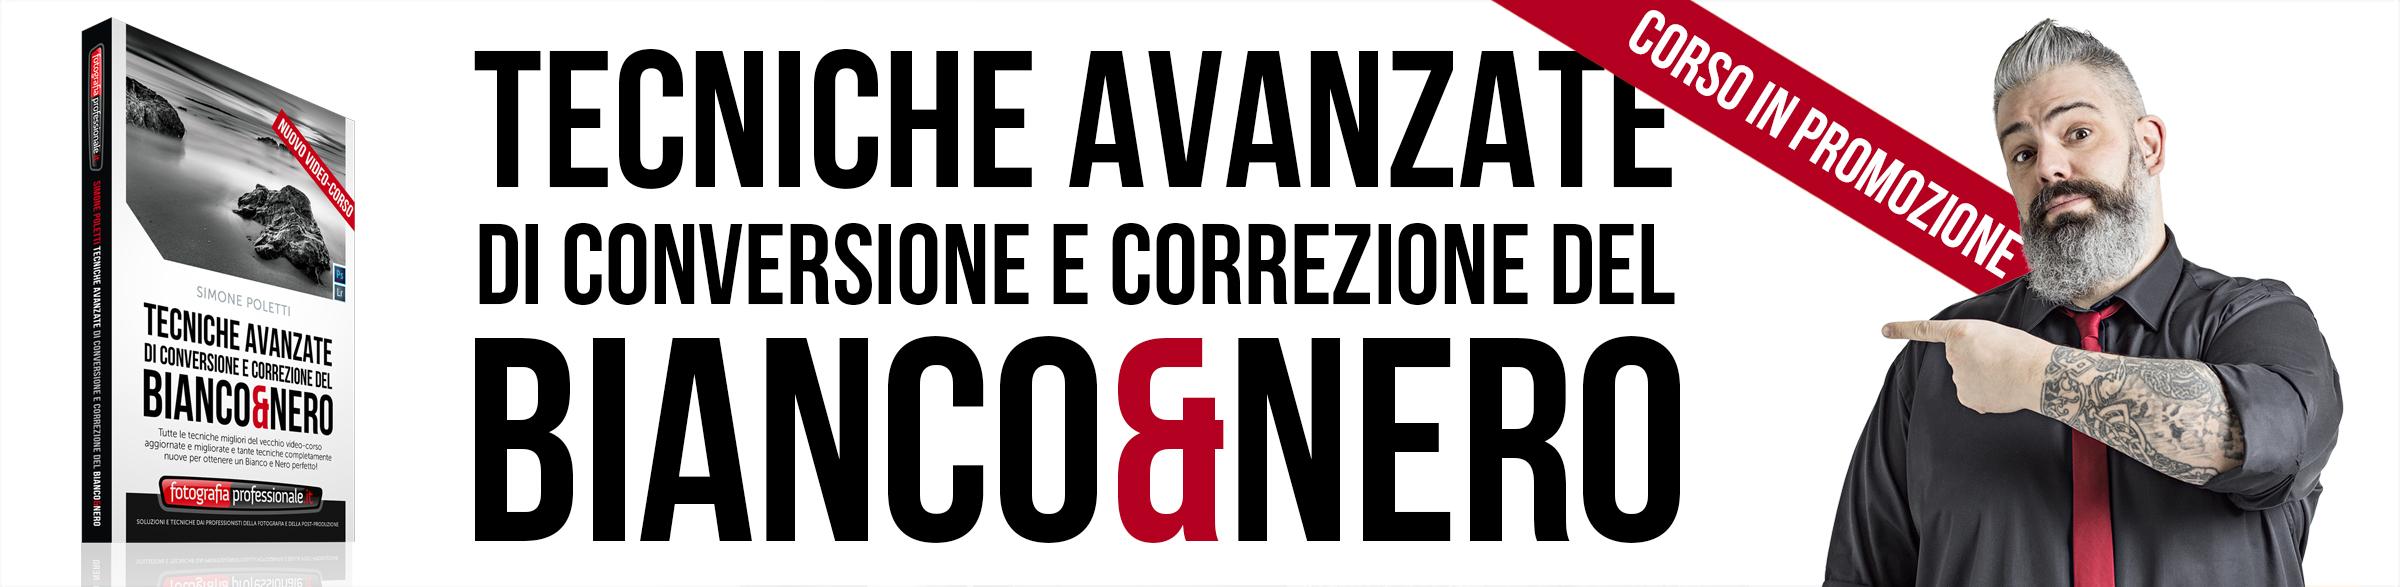 """""""Tecniche Avanzate di Conversione e Correzione del Bianco e Nero"""" - Video-corso di FotografiaProfessionale.it"""